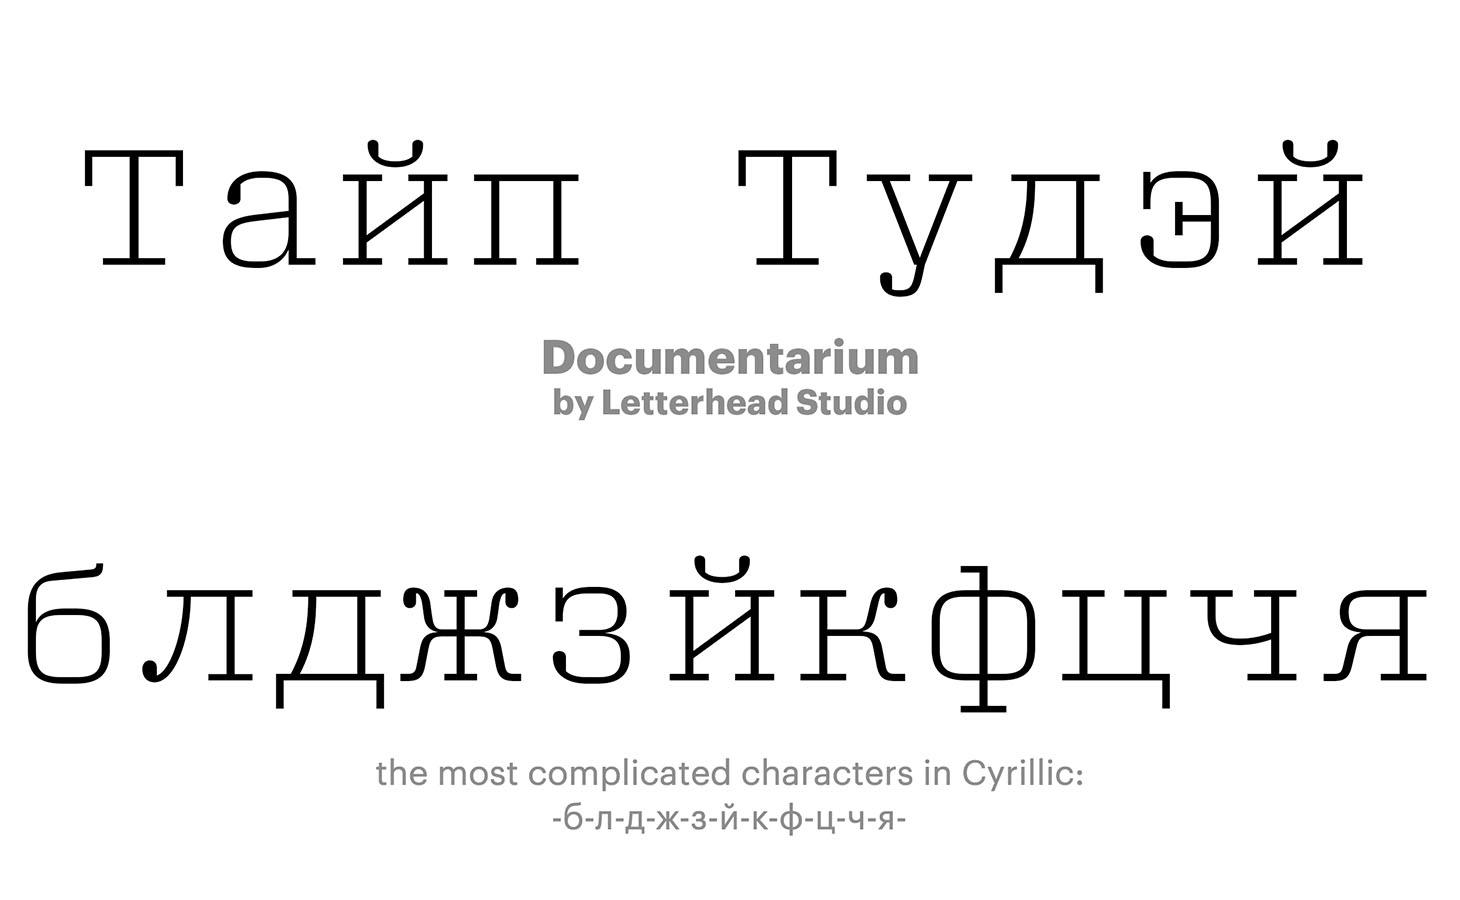 Documentarium